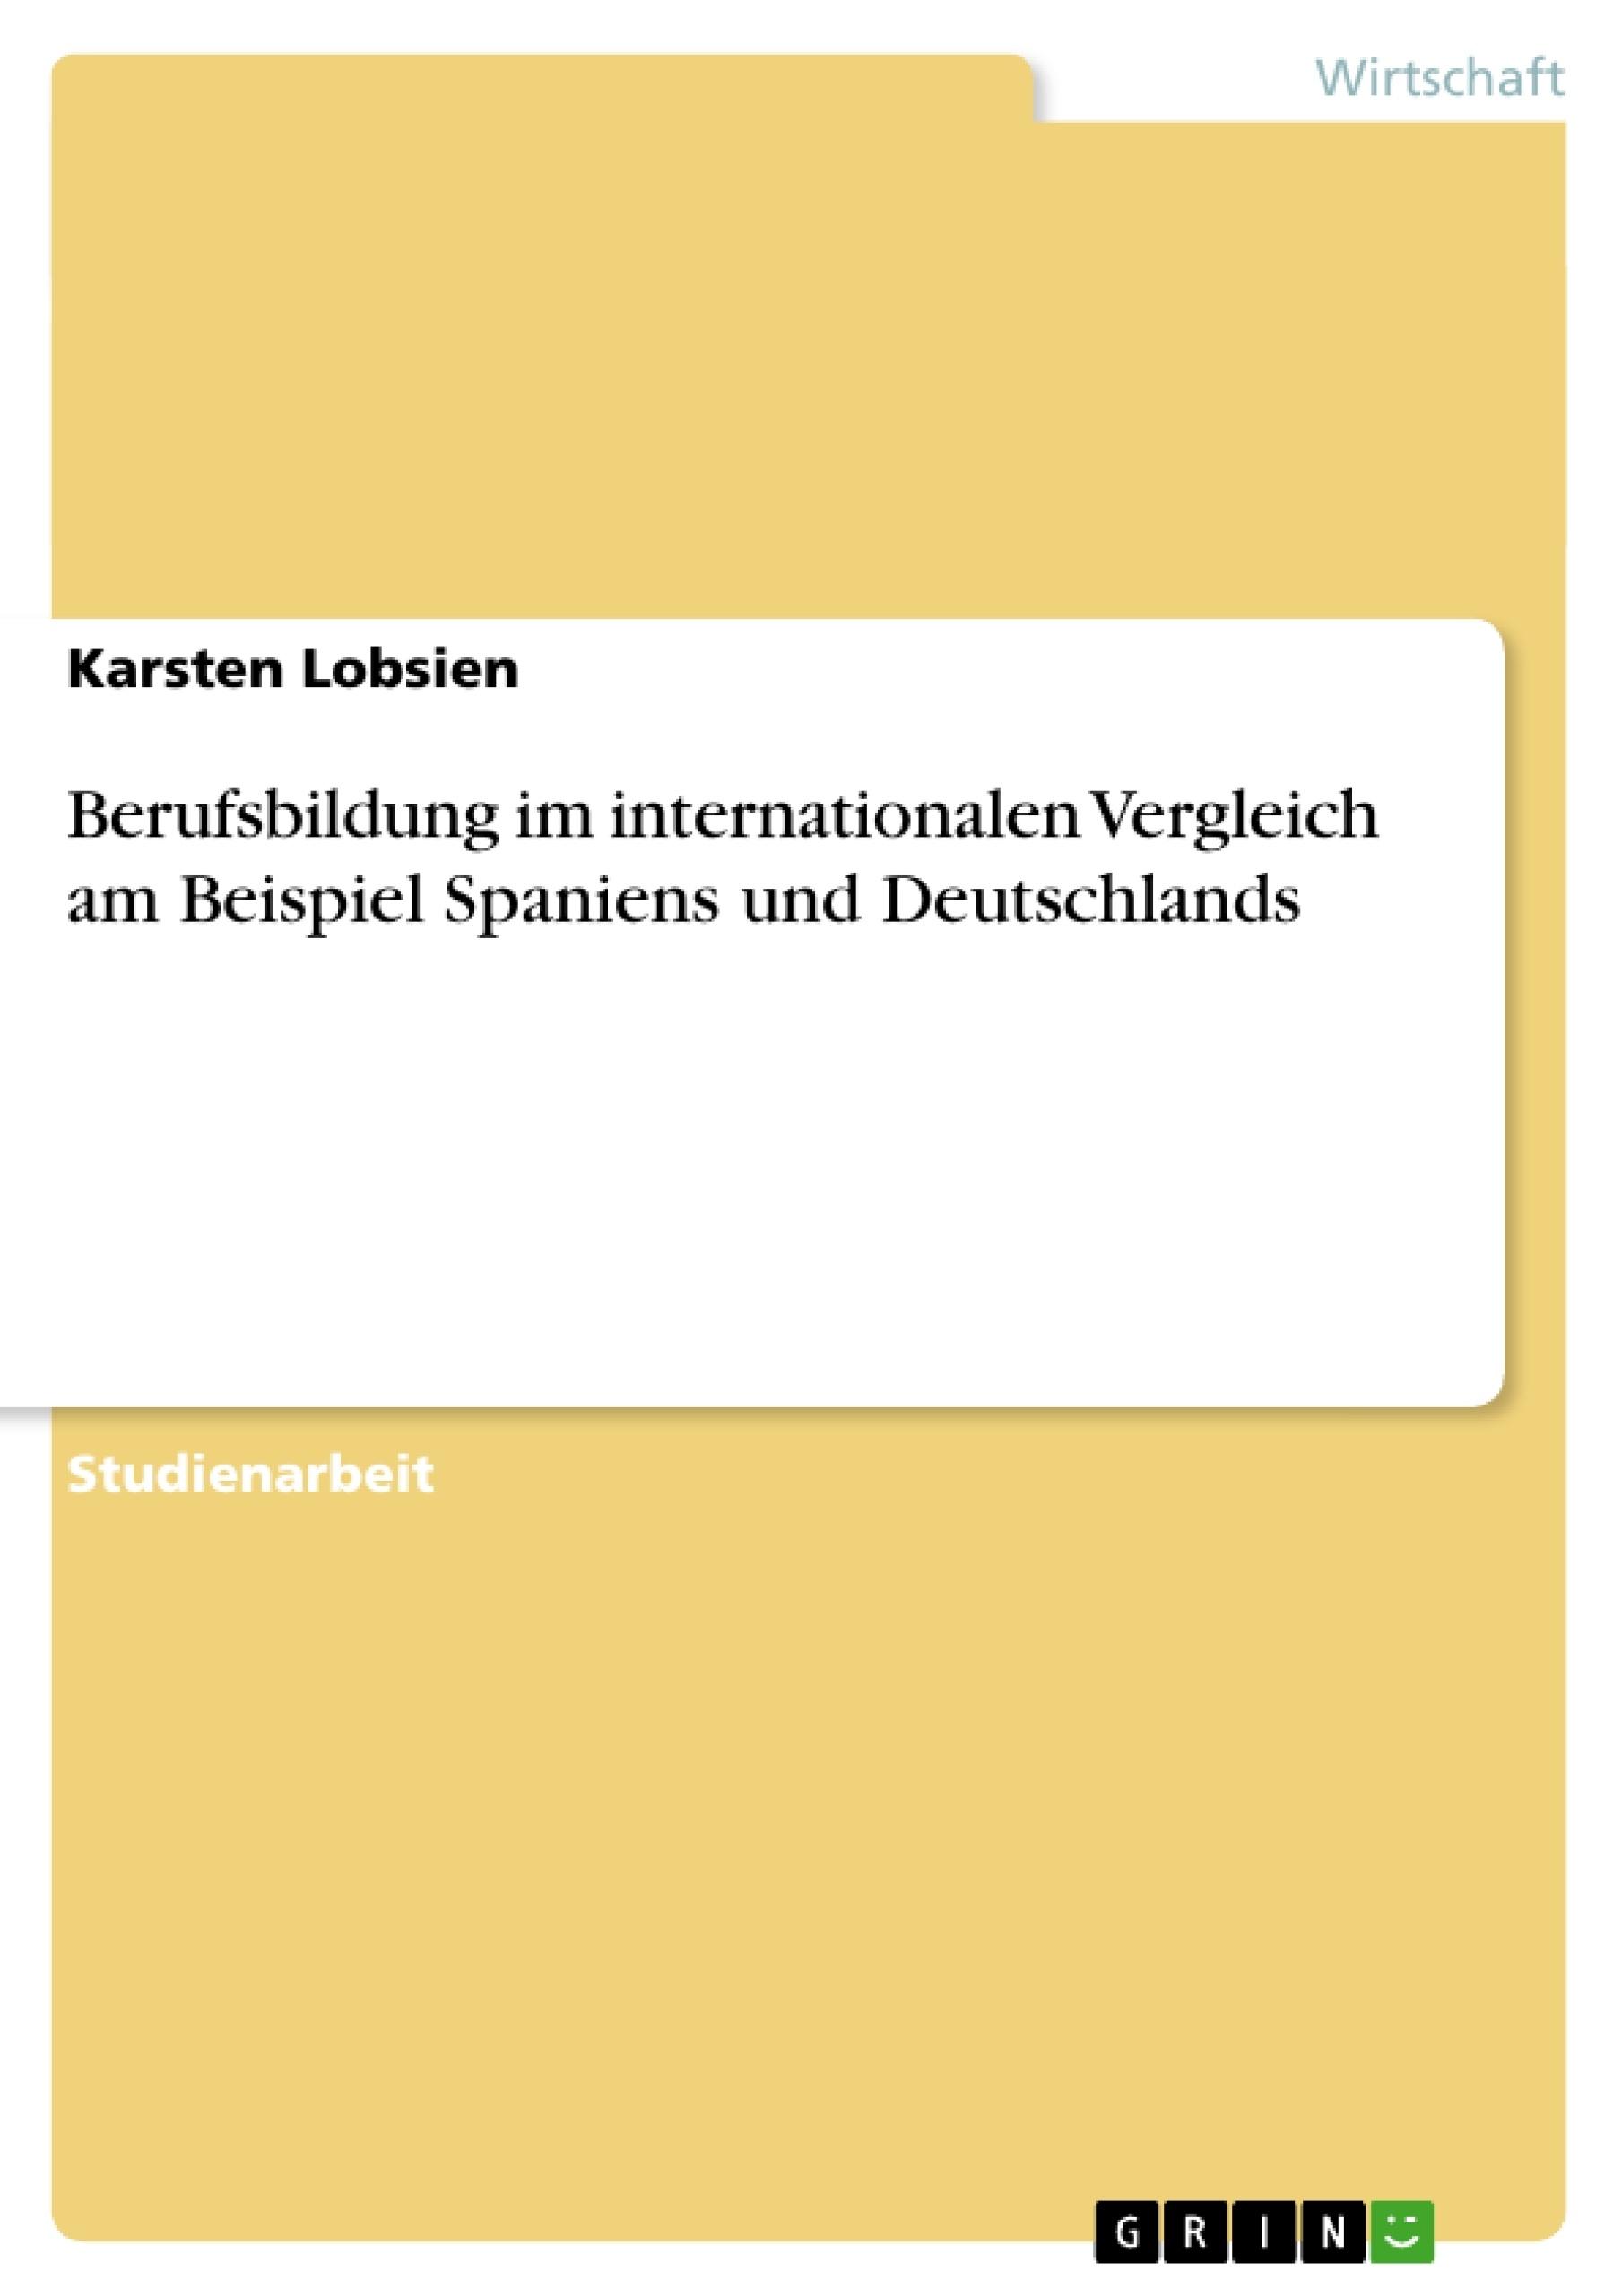 Titel: Berufsbildung im internationalen Vergleich am Beispiel Spaniens und Deutschlands